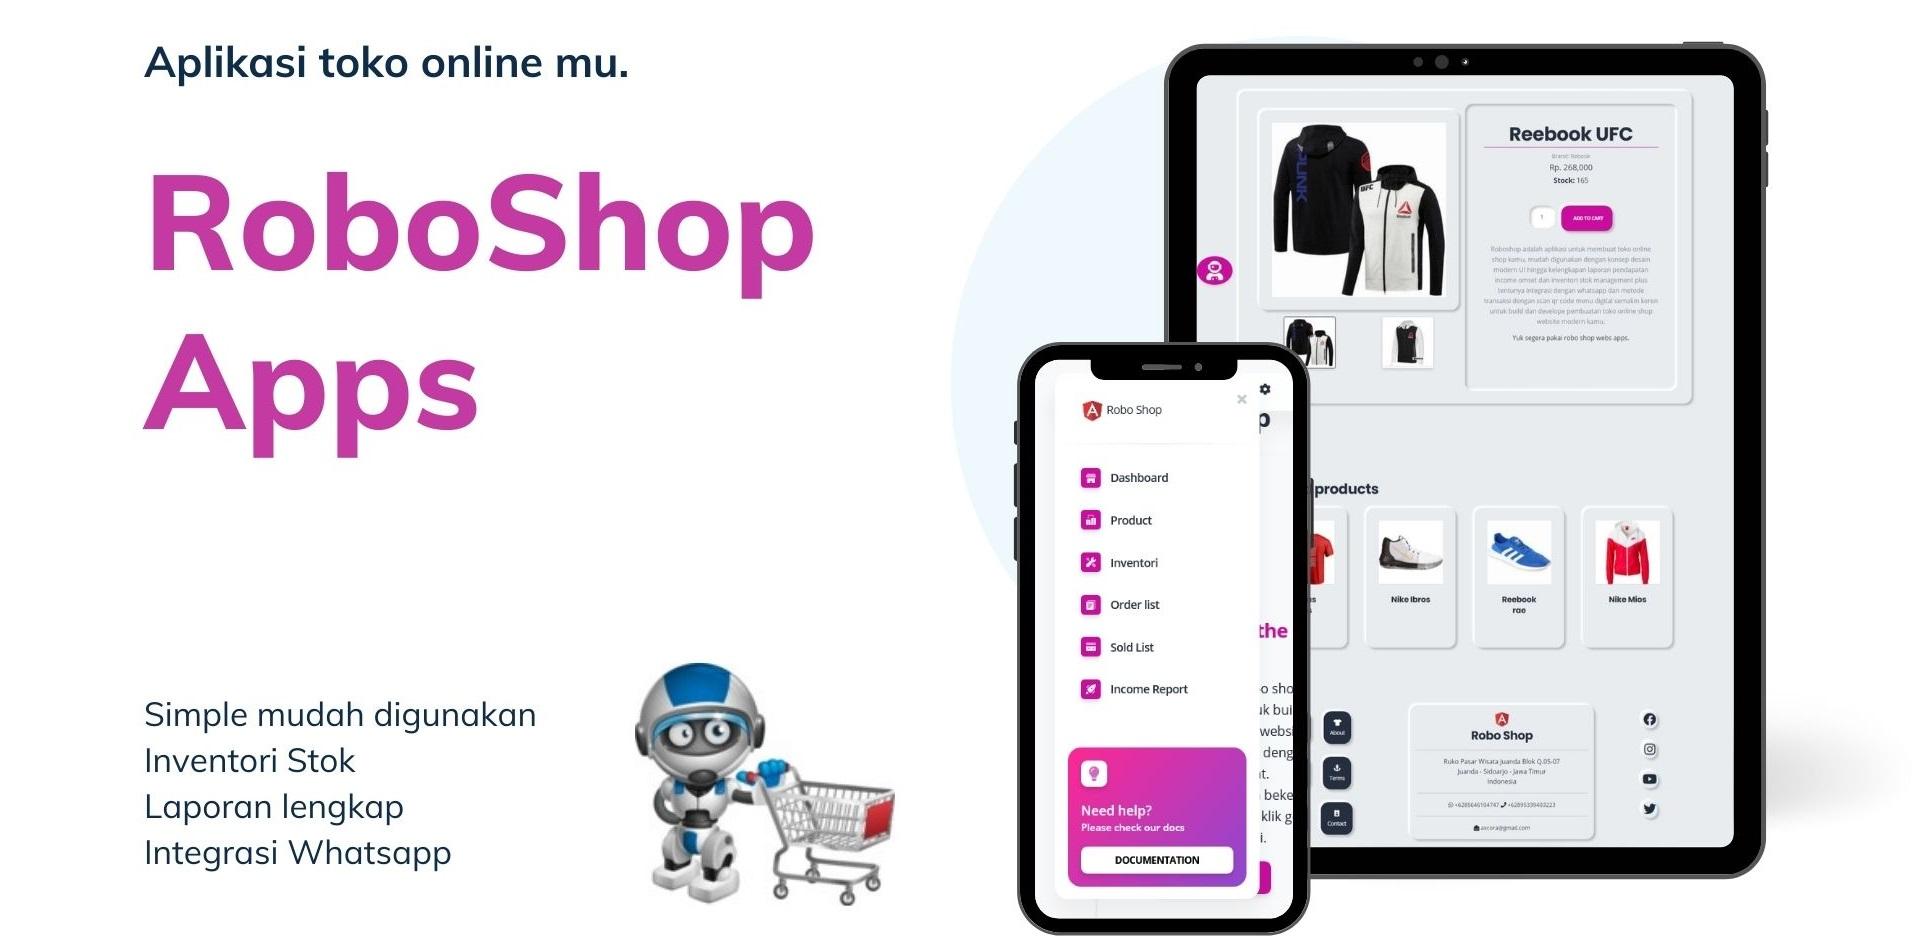 promo pembuatan website murah website dan aplikasi kasir toko restoran murah